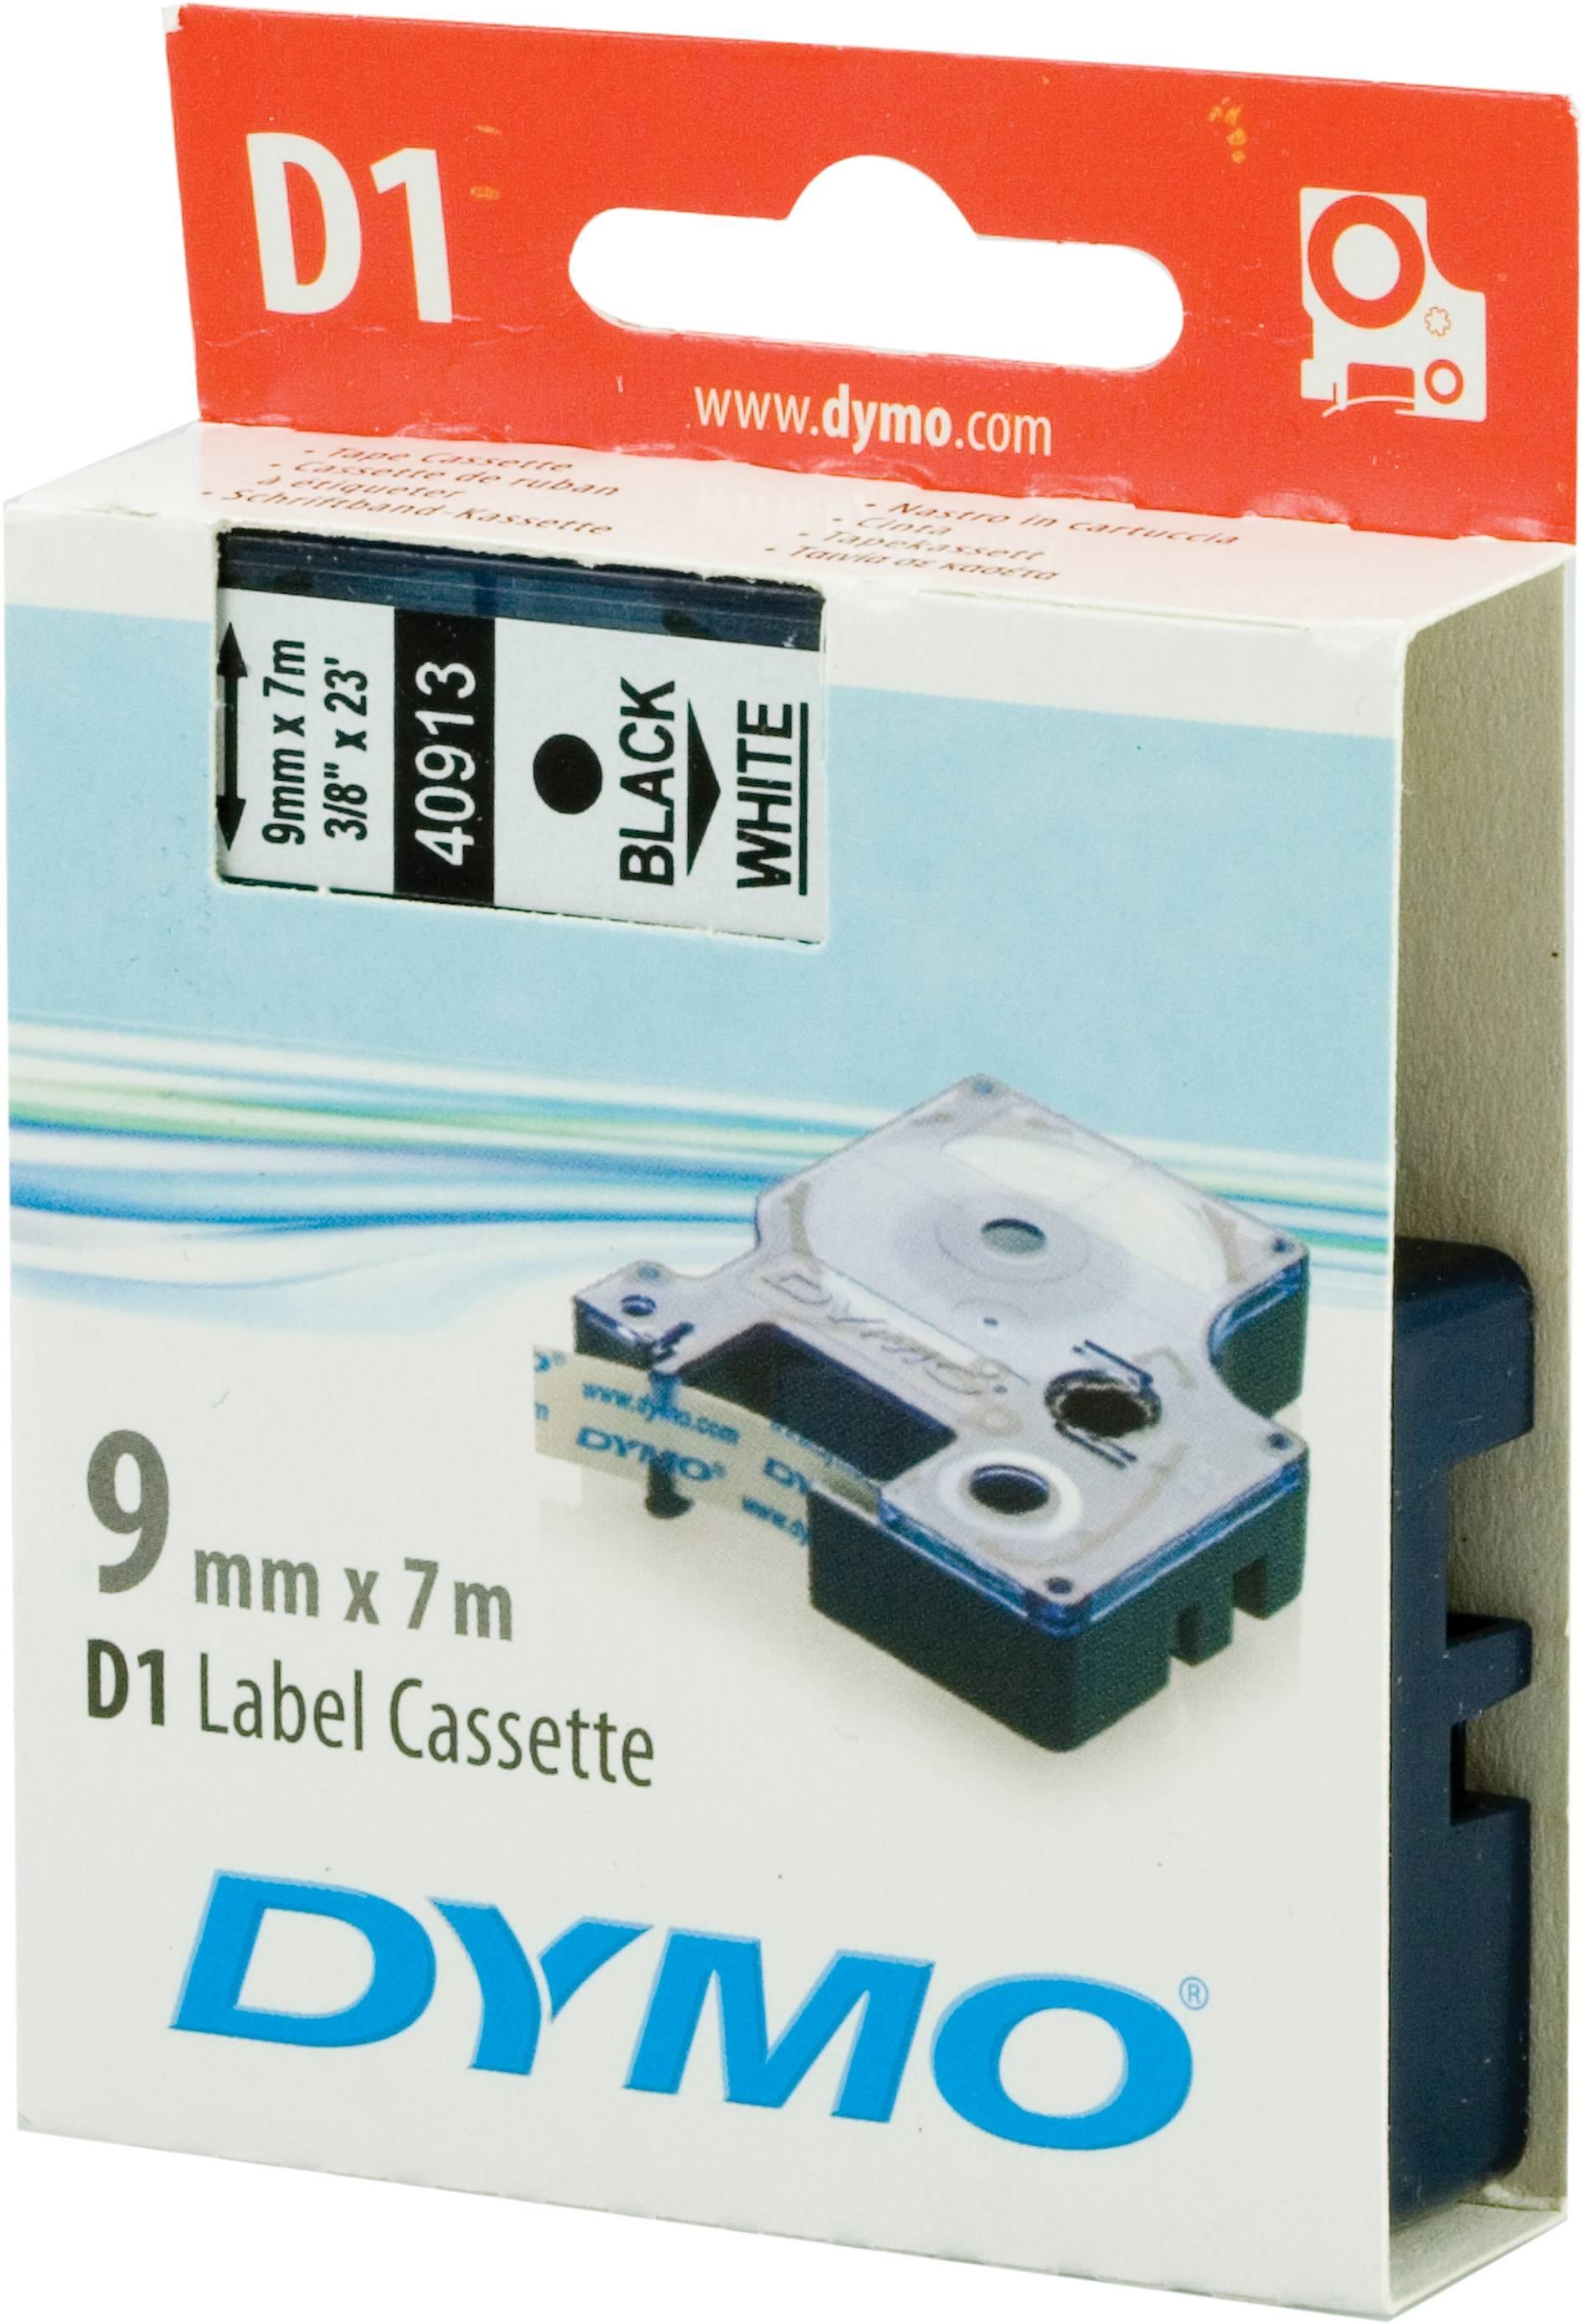 DYMO D1 märktejp standard 9mm, svart på vitt, 7m rulle thumbnail